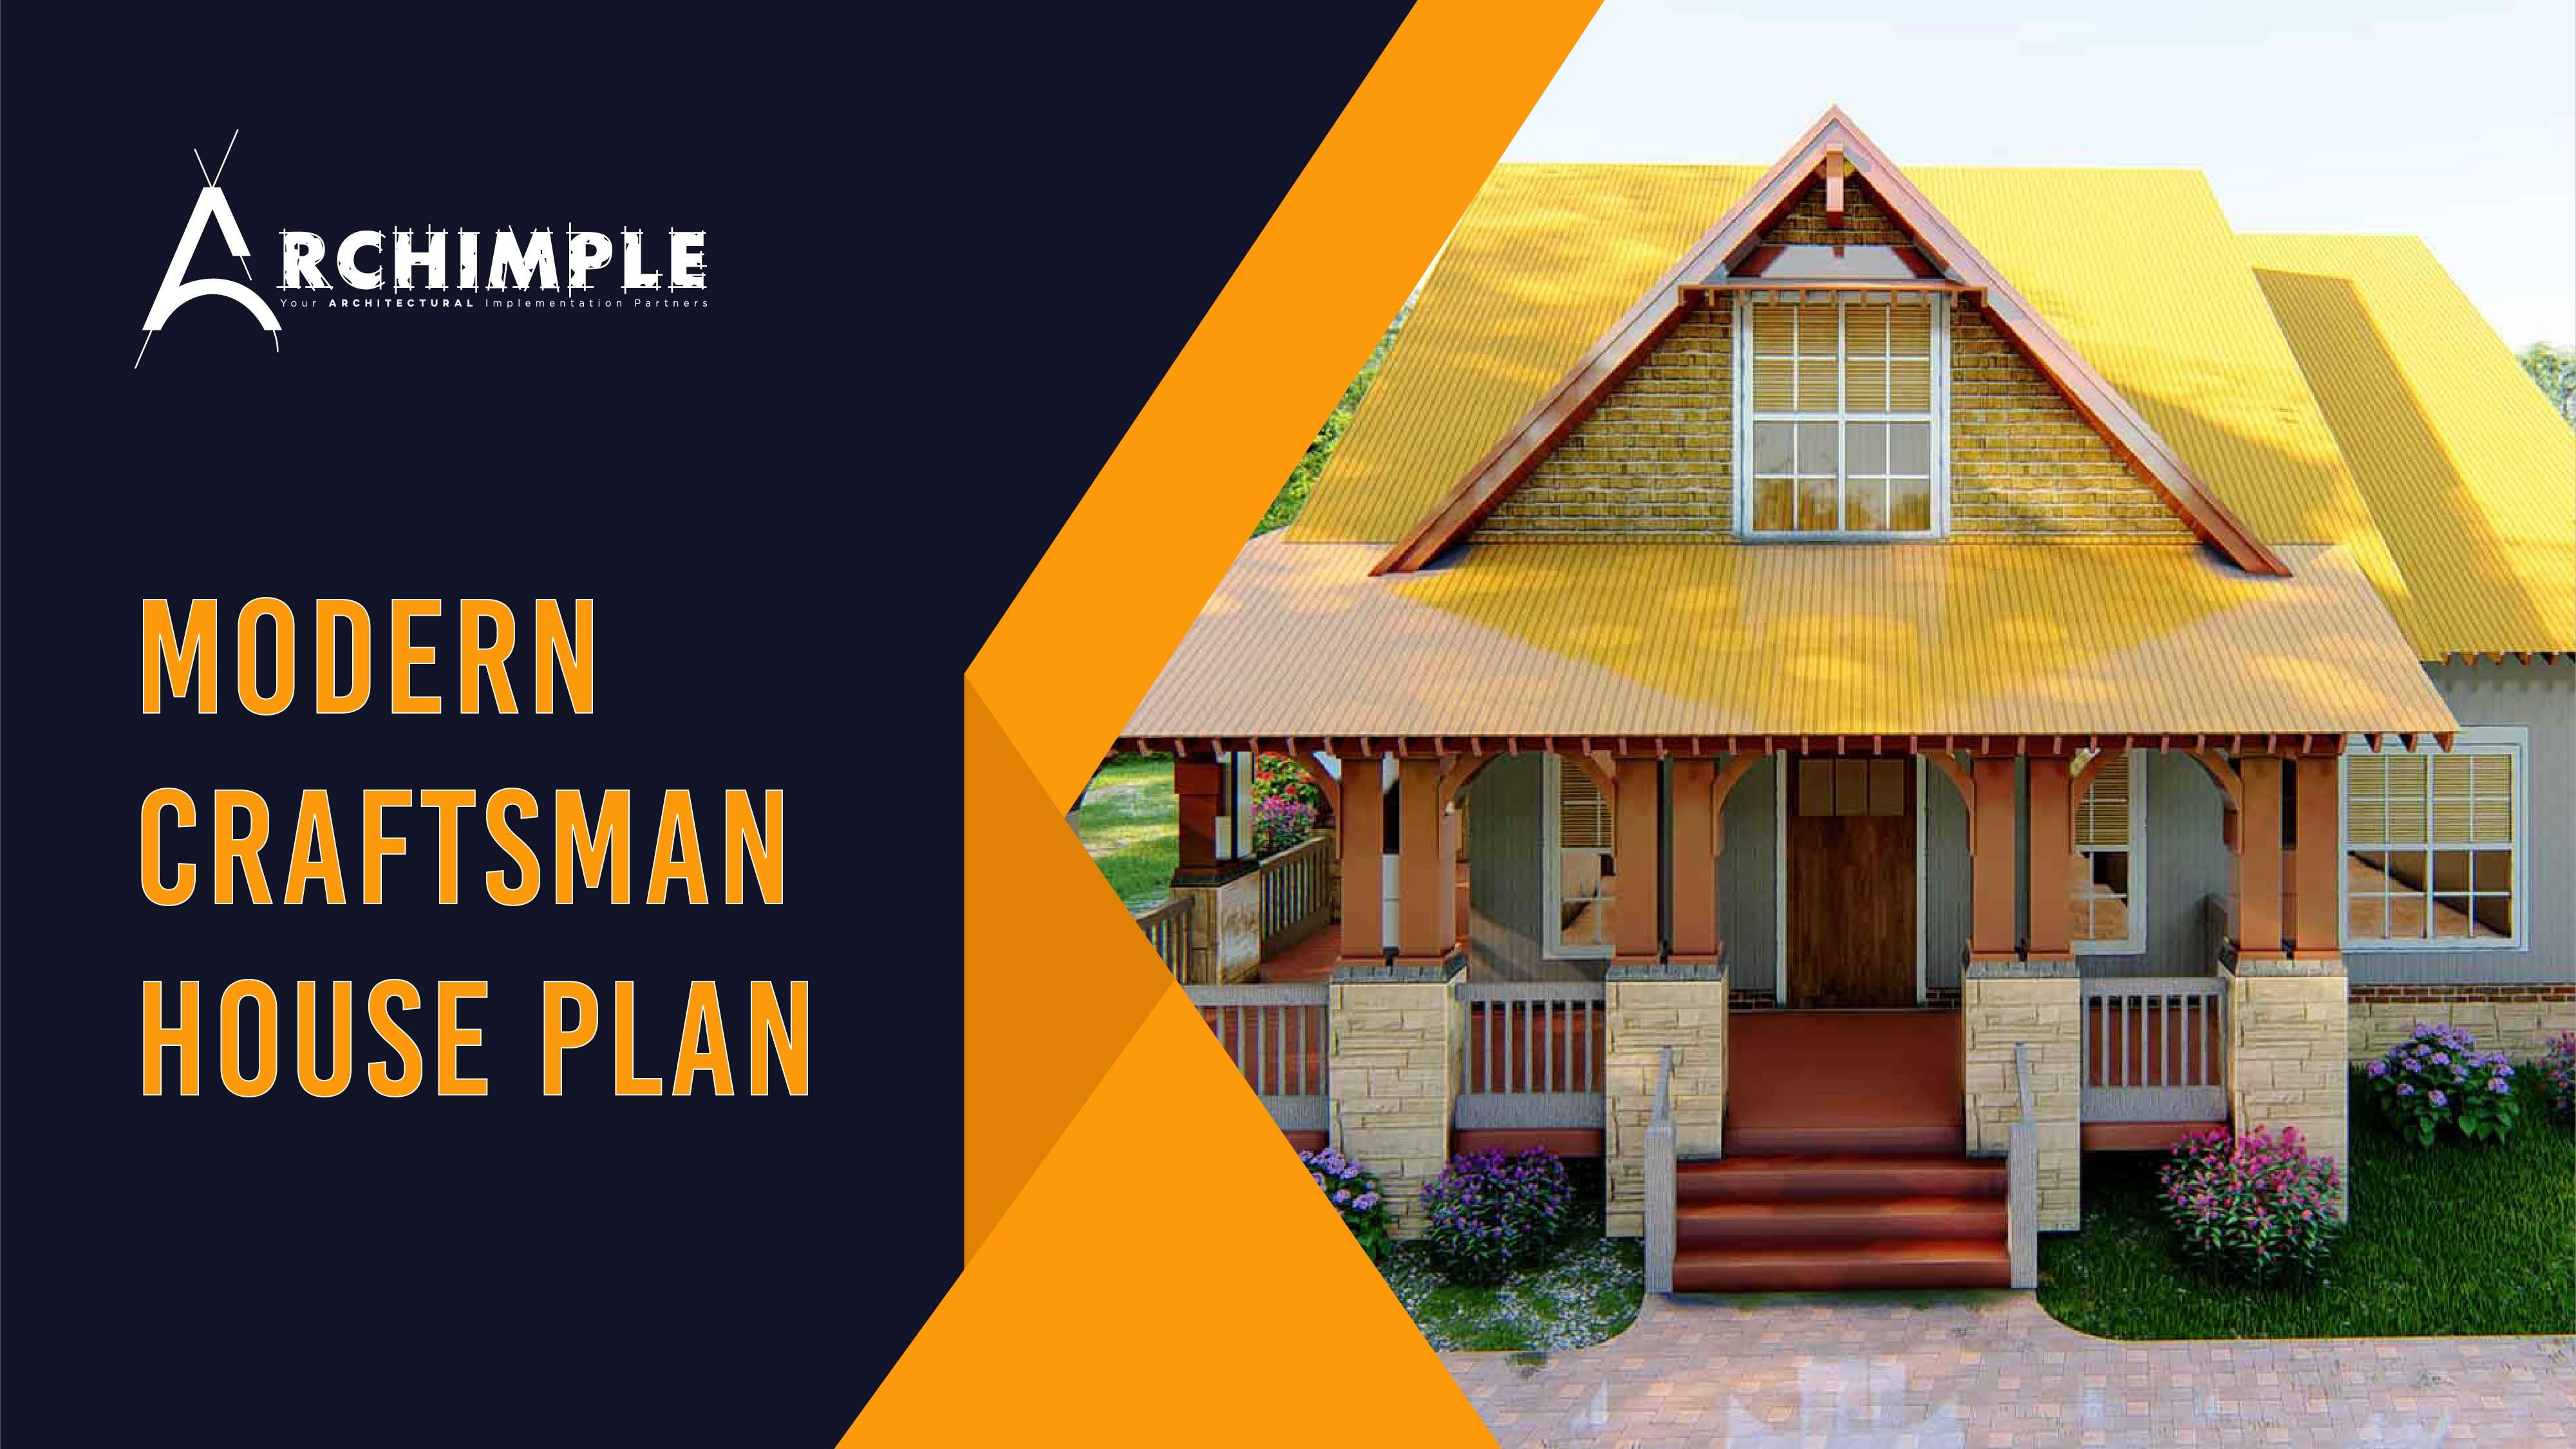 craftsman house plan guide